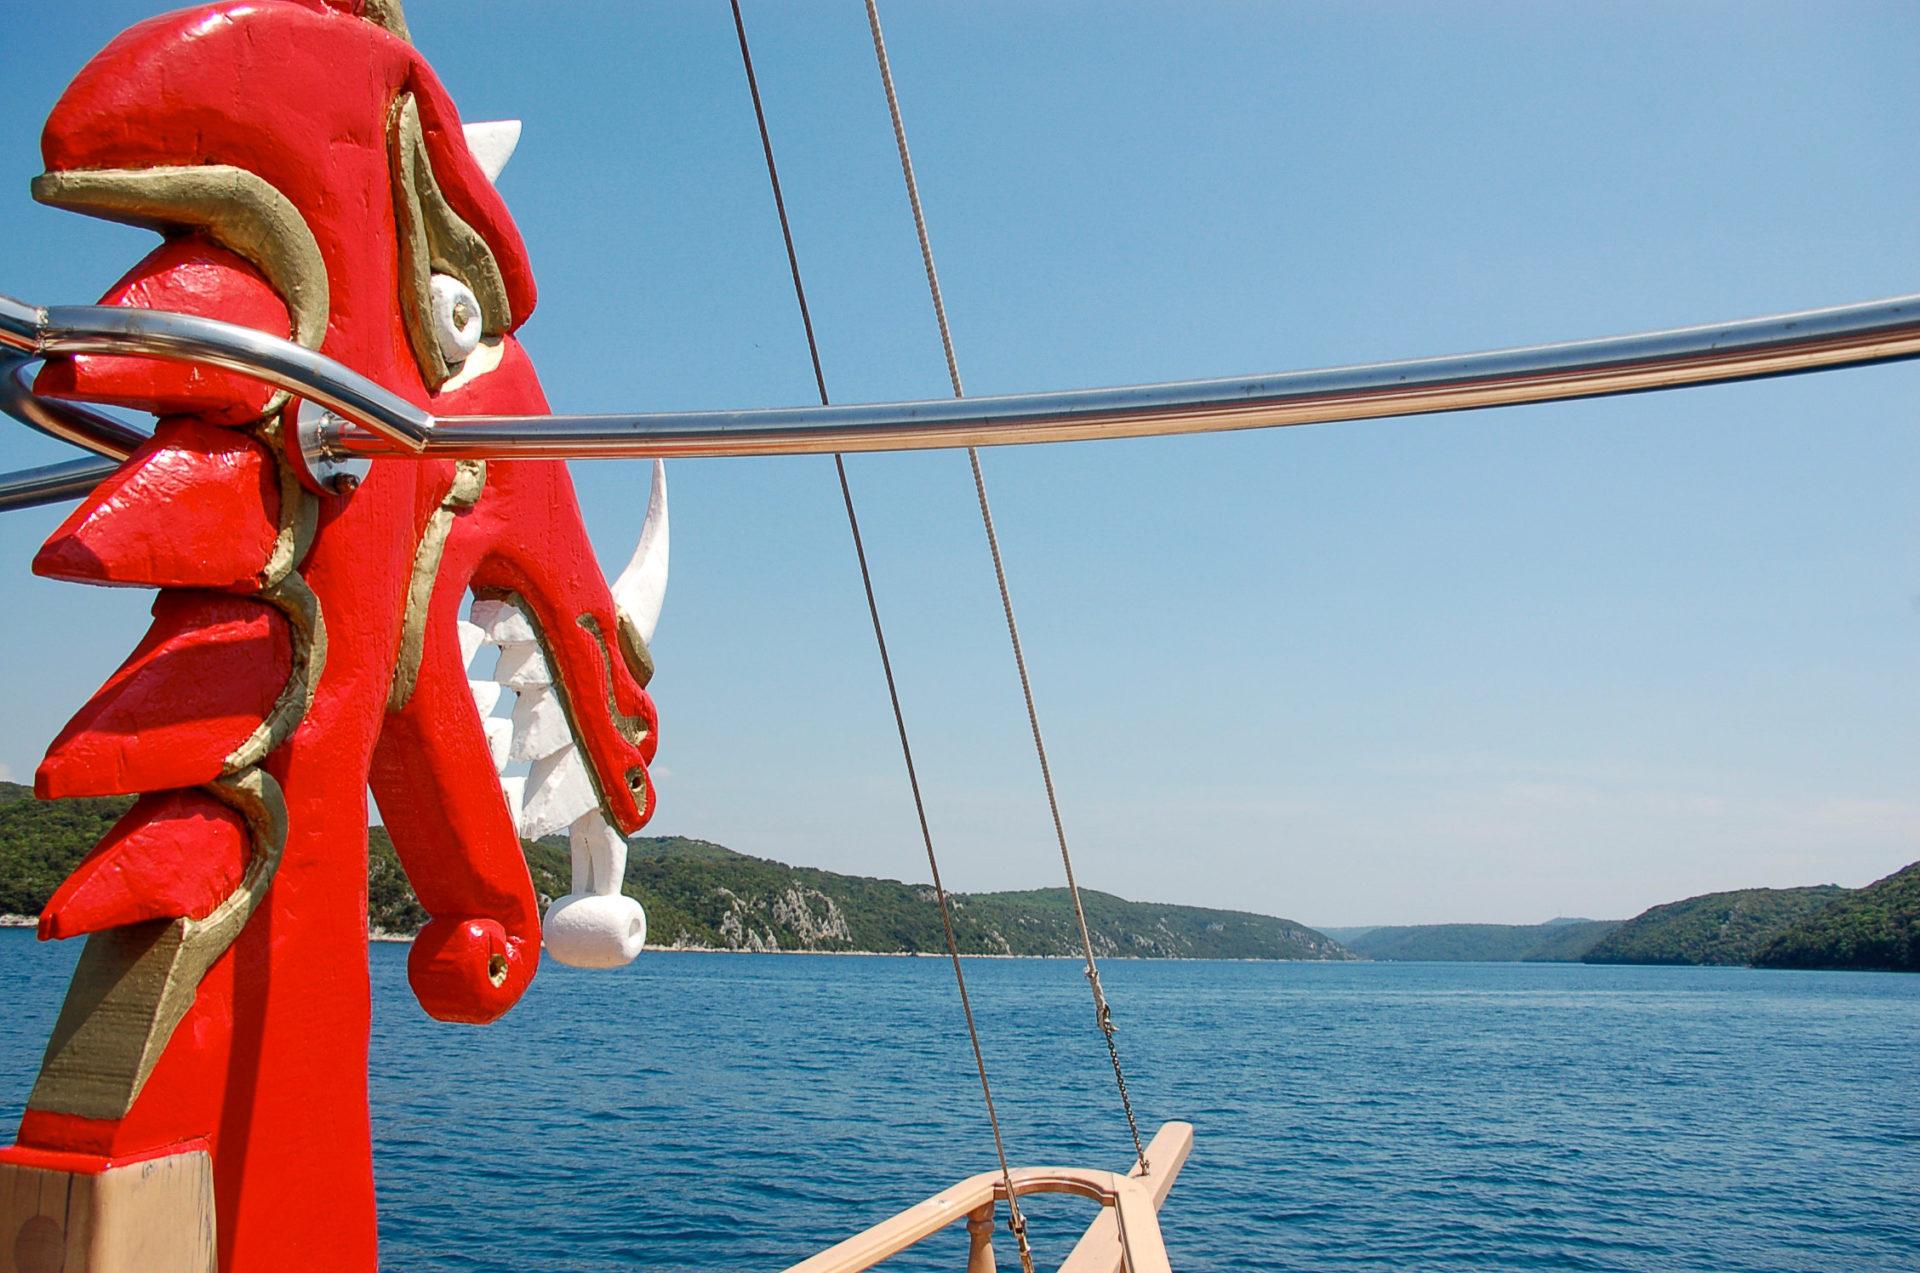 Drachenboot auf dem Mittelmeer bevor der Landung im Hafen